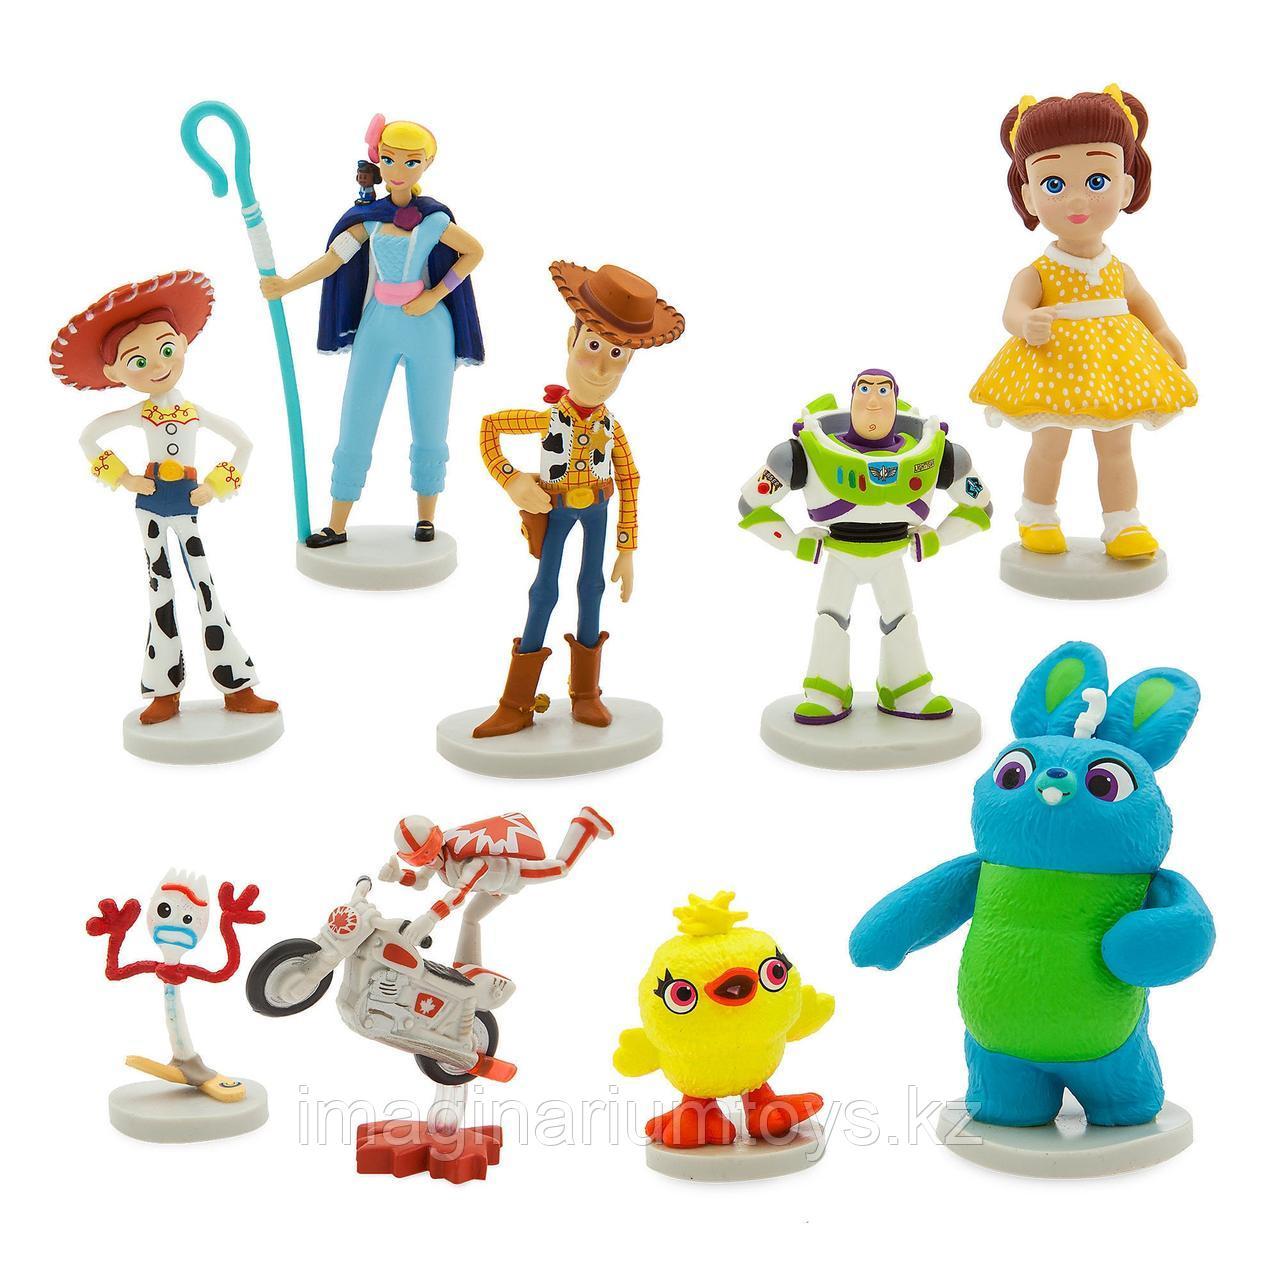 Игровой набор с героями «История игрушек 4»